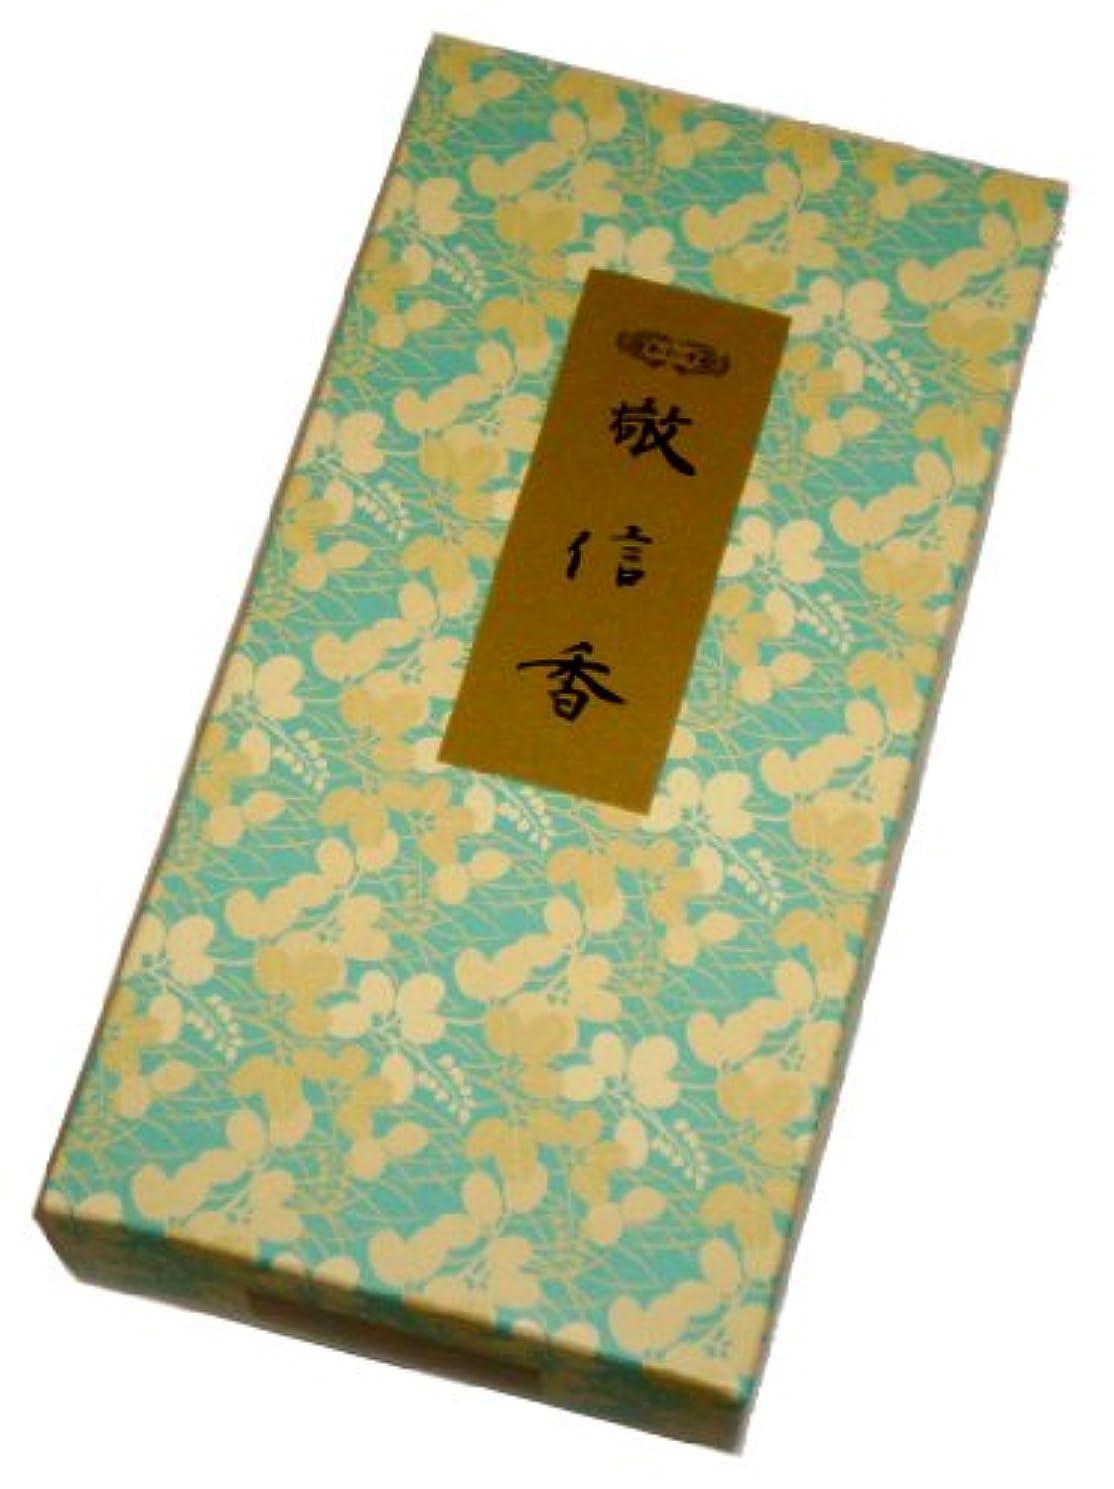 ピッチ海洋会話玉初堂のお香 敬信香 500g #701